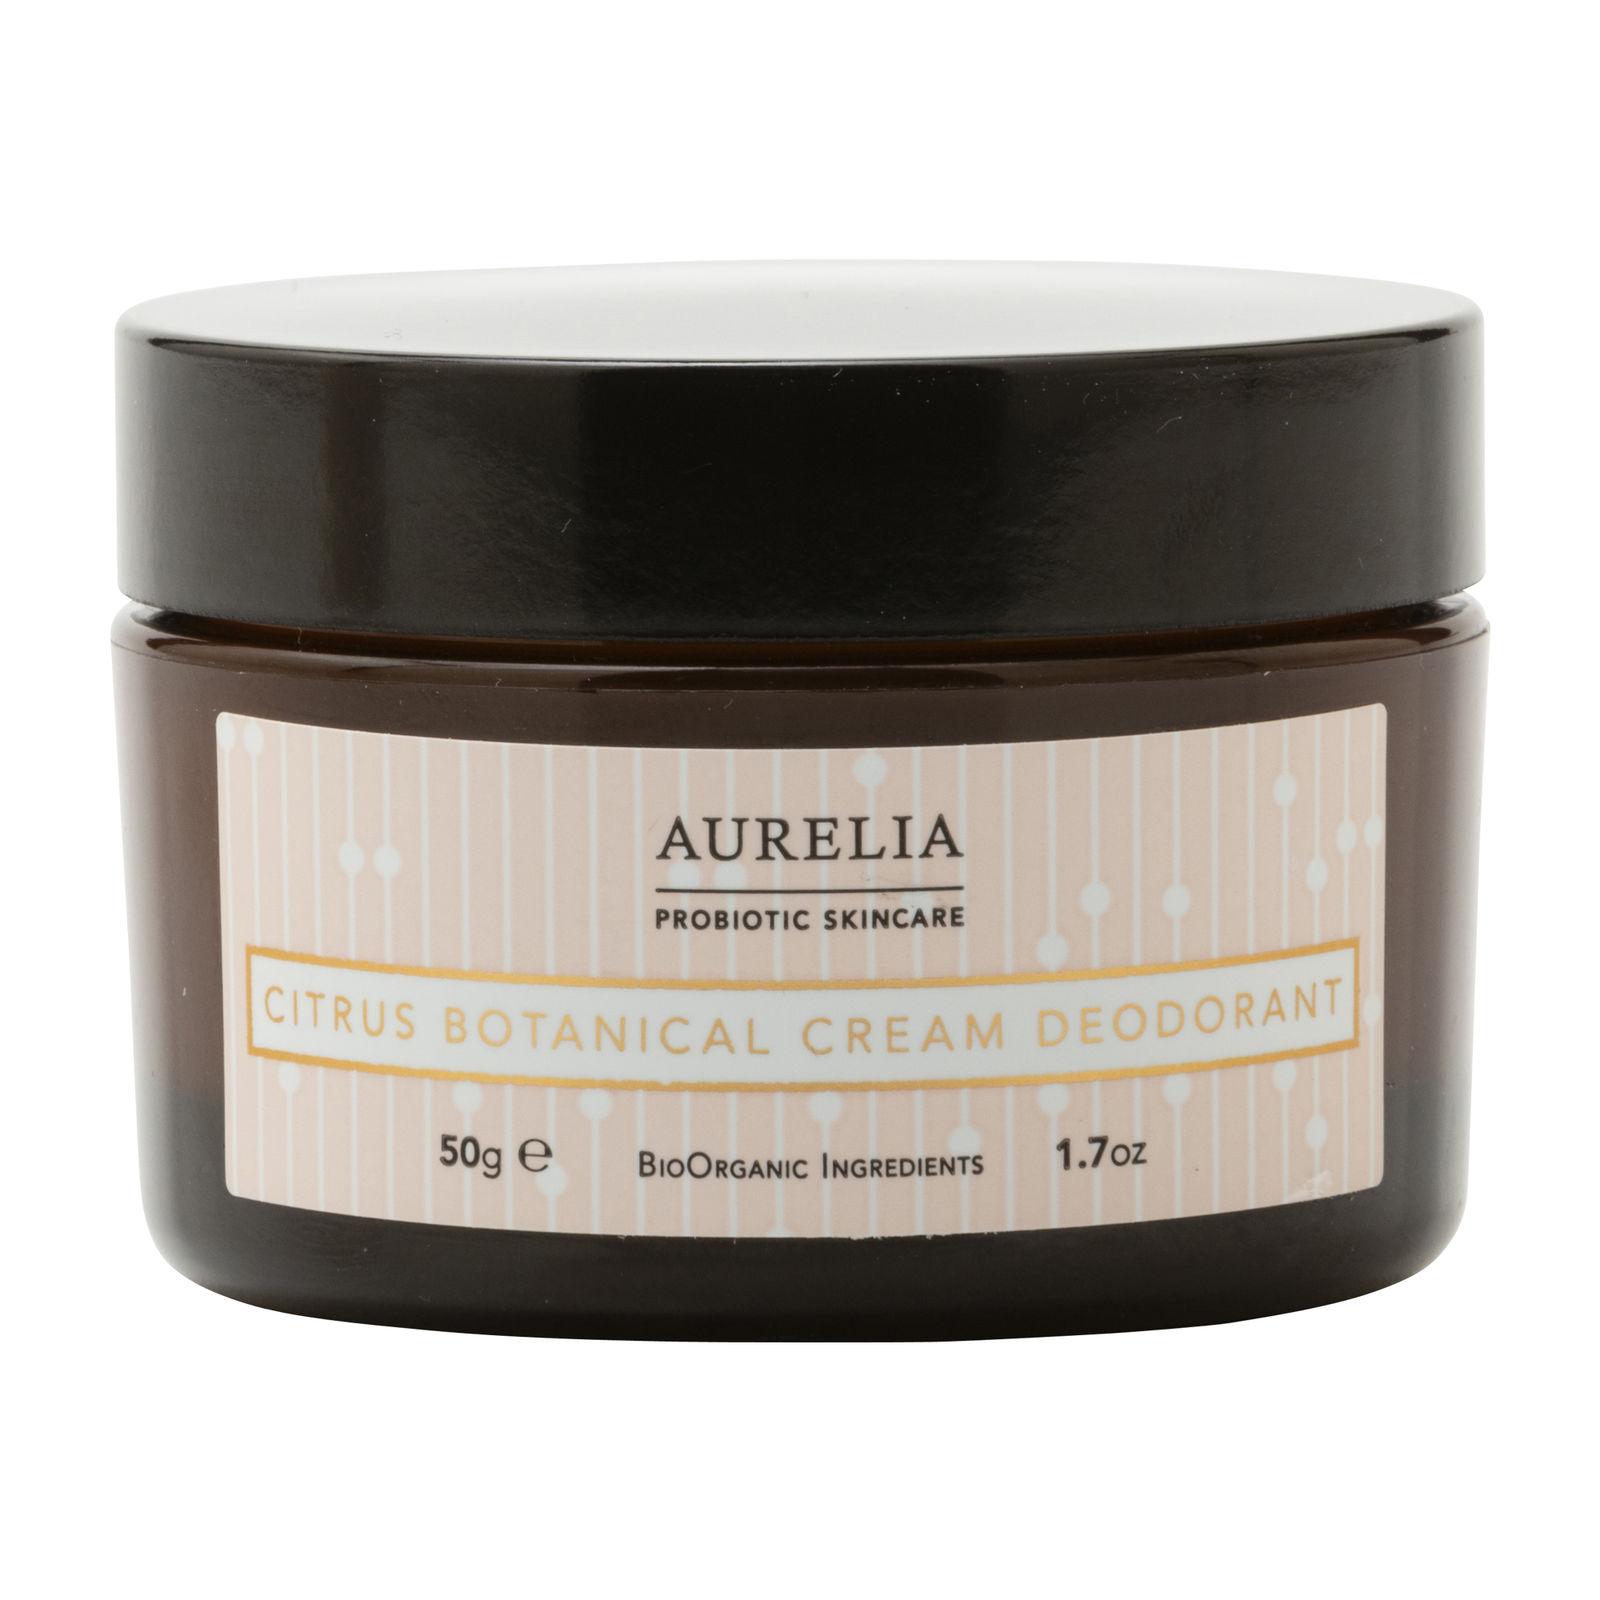 Aurelia Citrus Botanical Cream Deodorant, 50 g